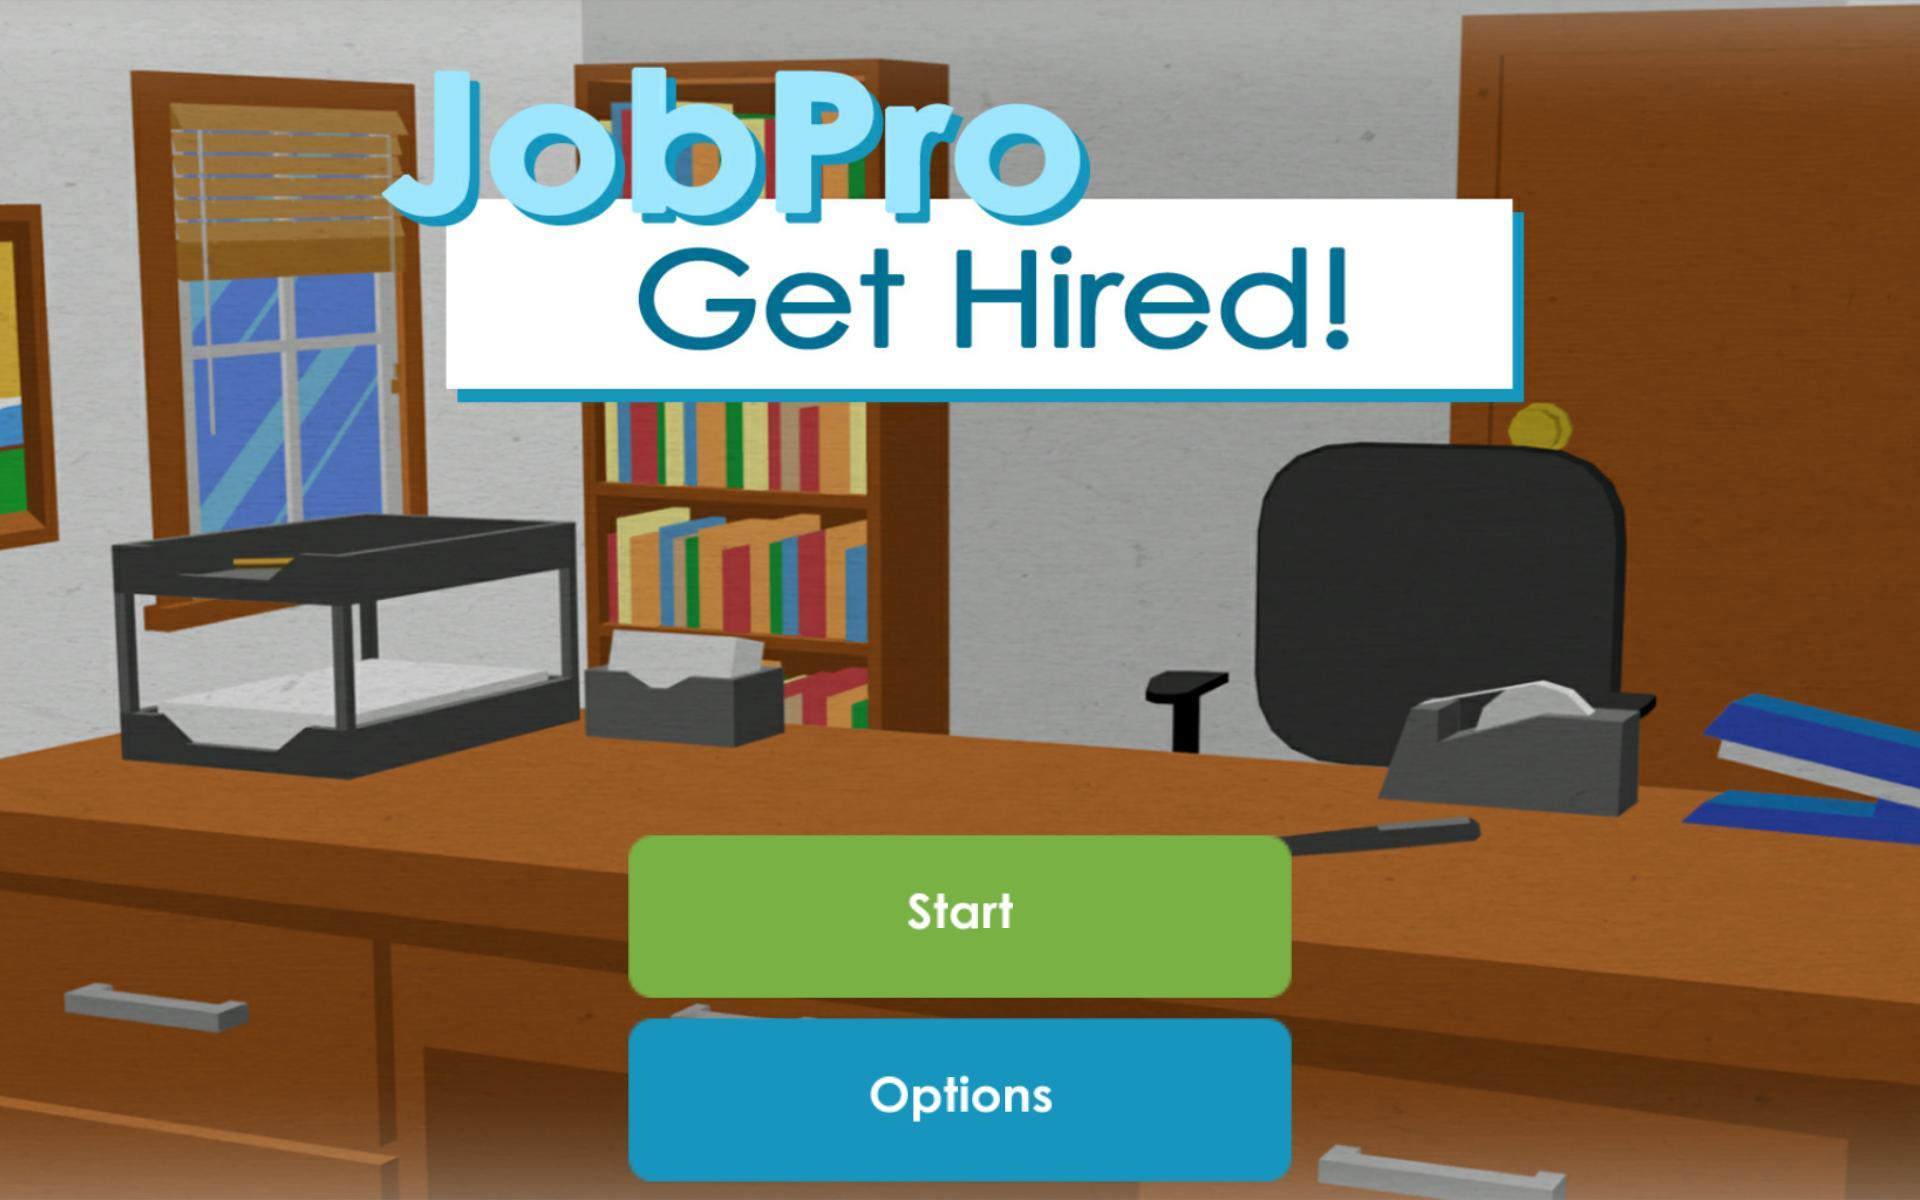 JobPro: Get Hired! 1.5 Screenshot 11